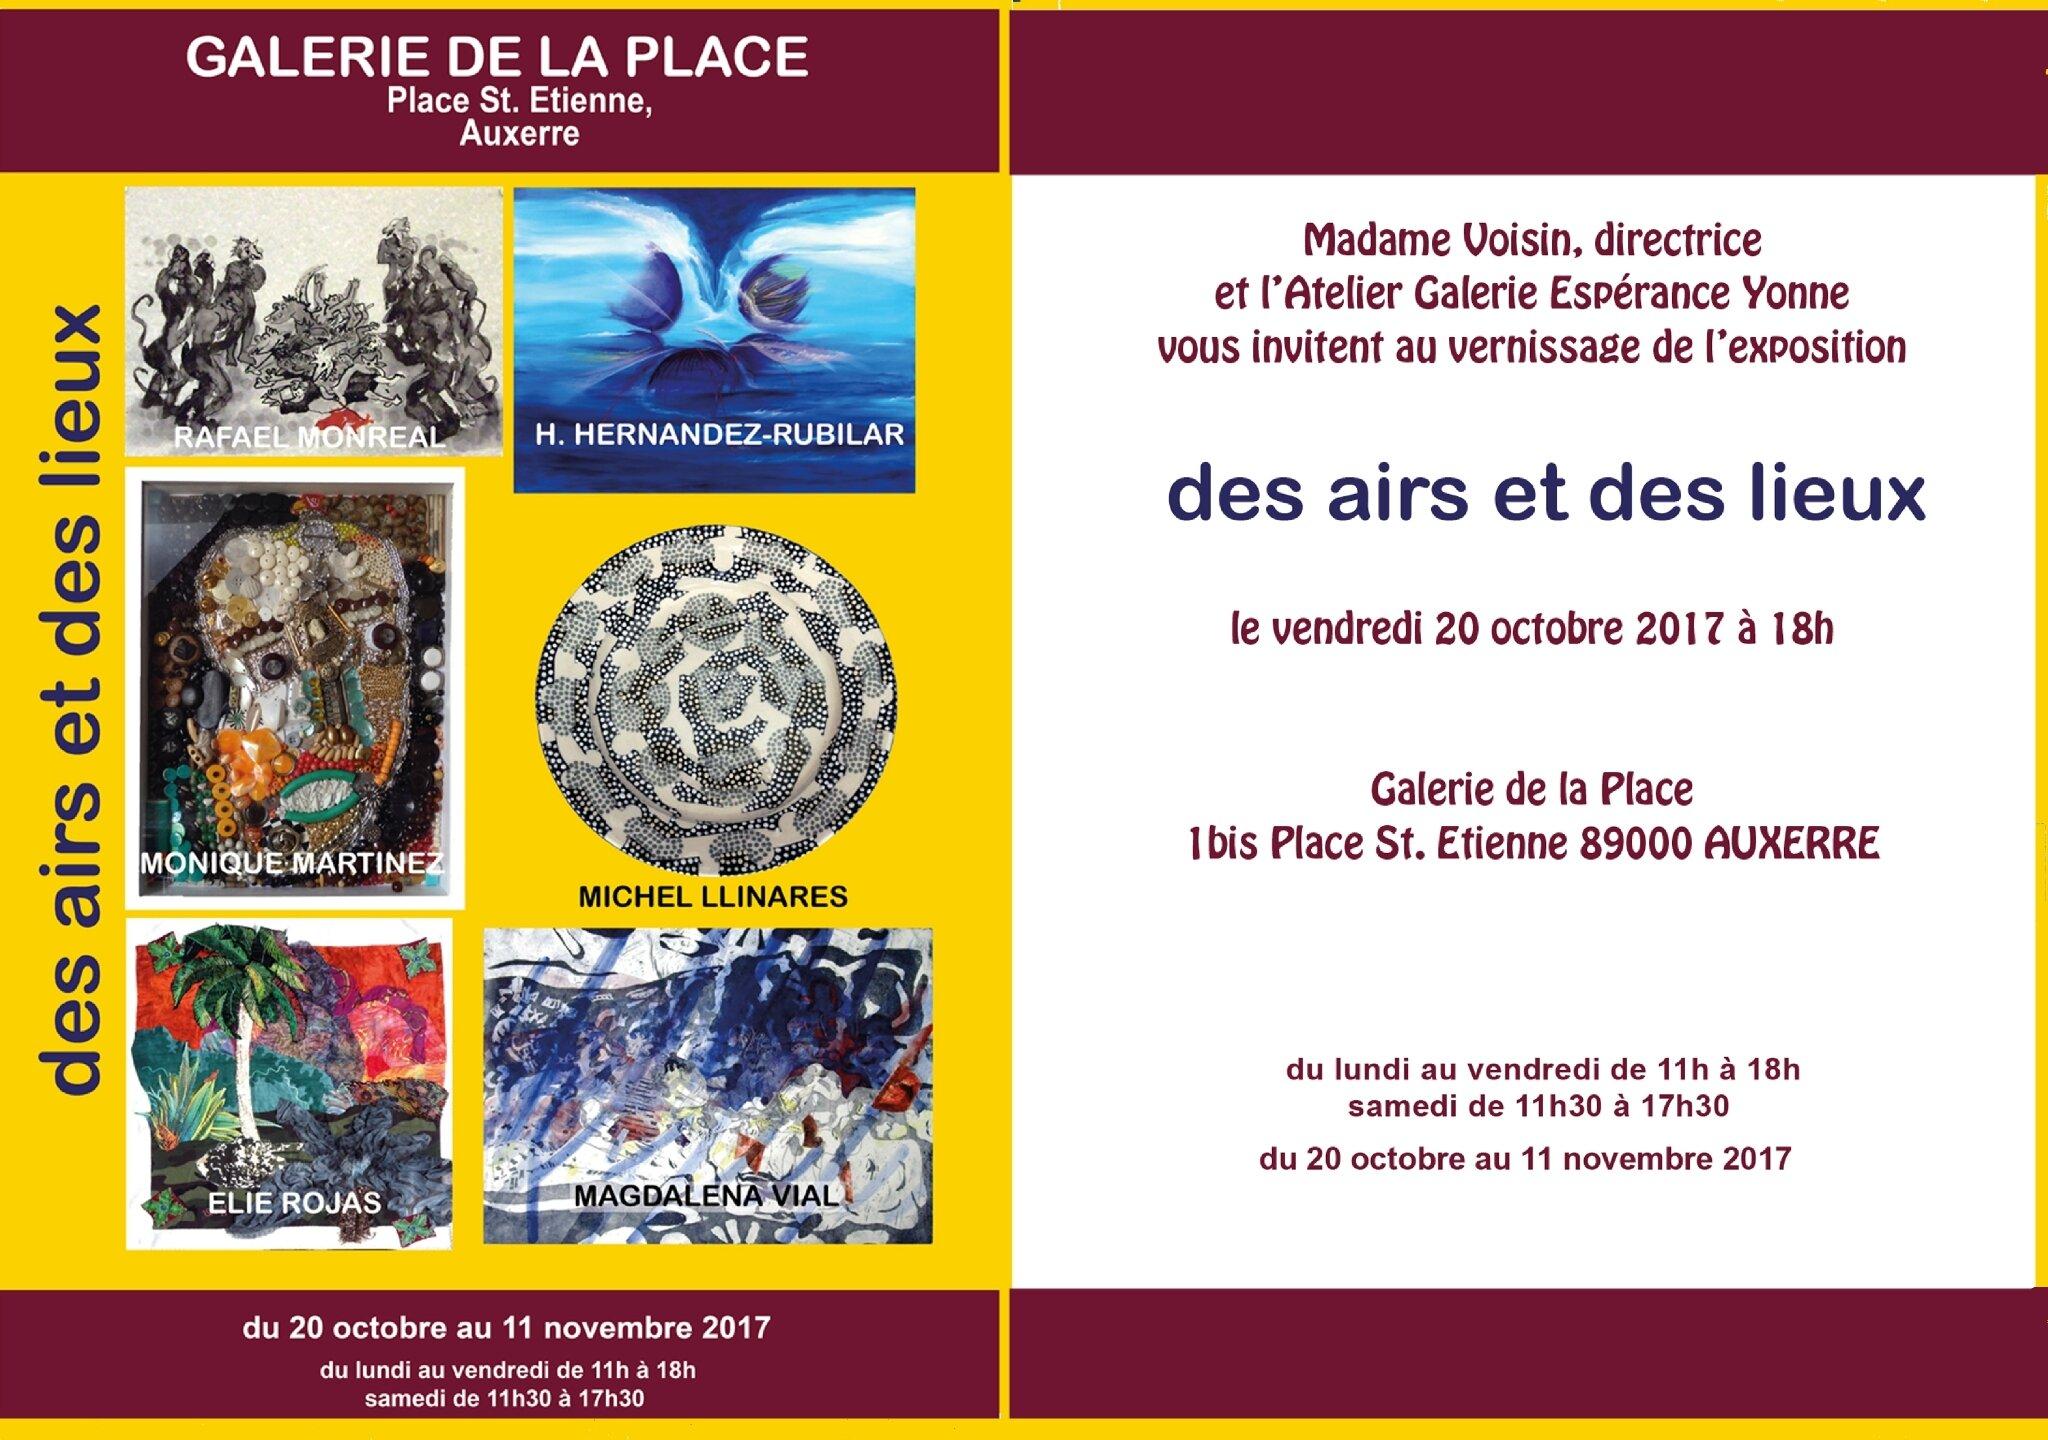 """Exposition """"DES AIRS ET DES LIEUX"""" - Galerie de la Place - Auxerre - 20 octobre au 11 novembre 2017"""